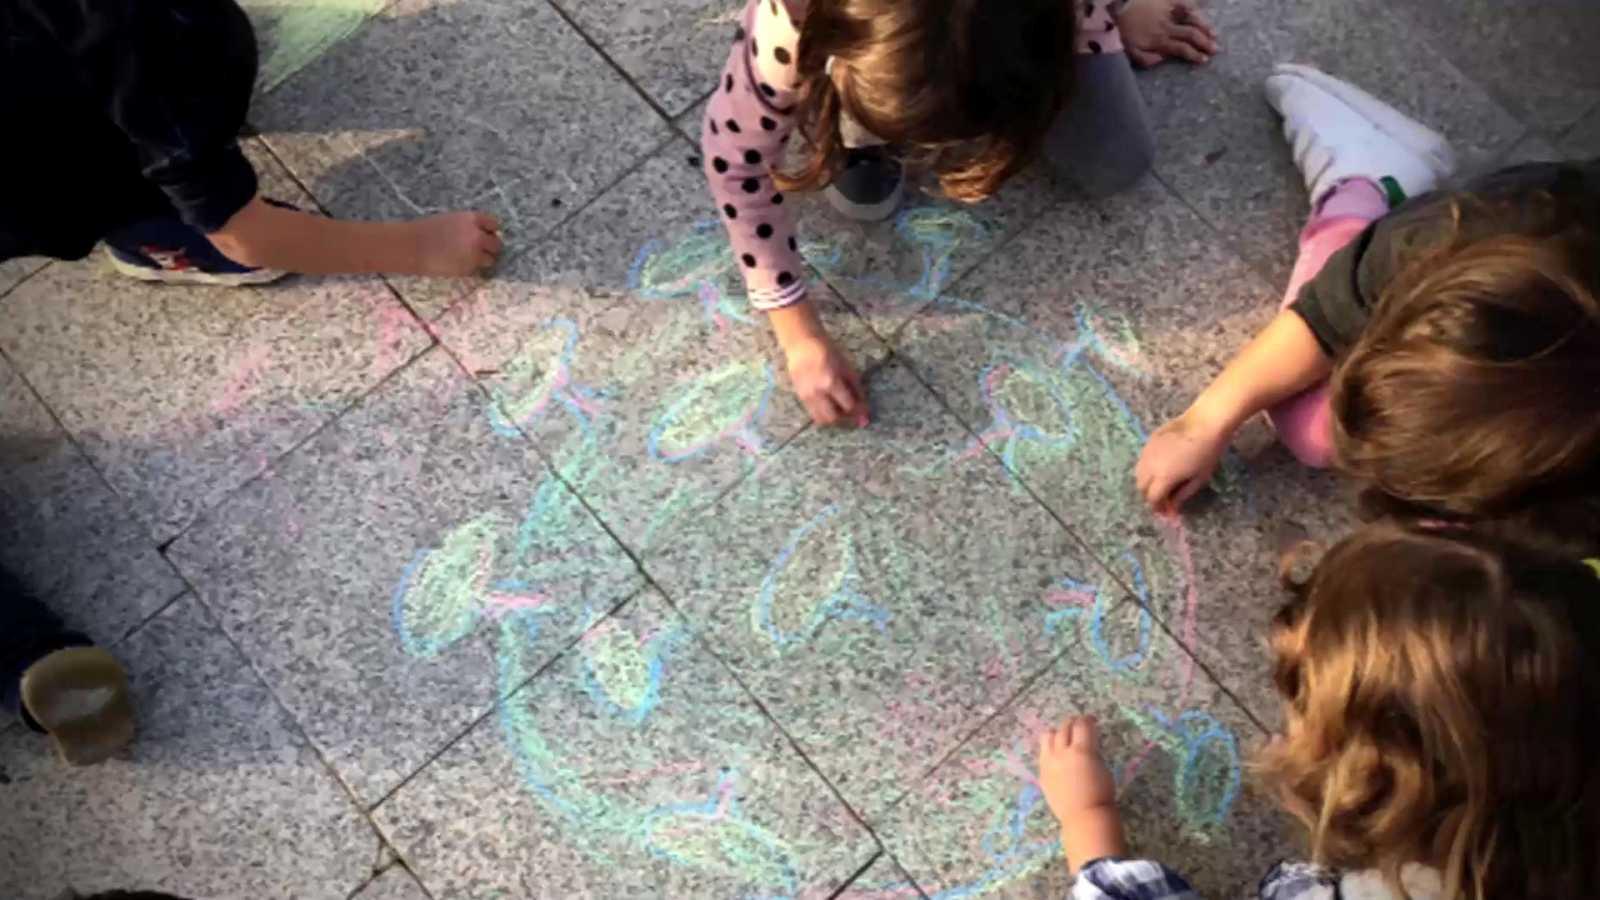 Primavera sin columpios - Los miedos y sueños de los niños frente a la COVID-19 - Ver ahora